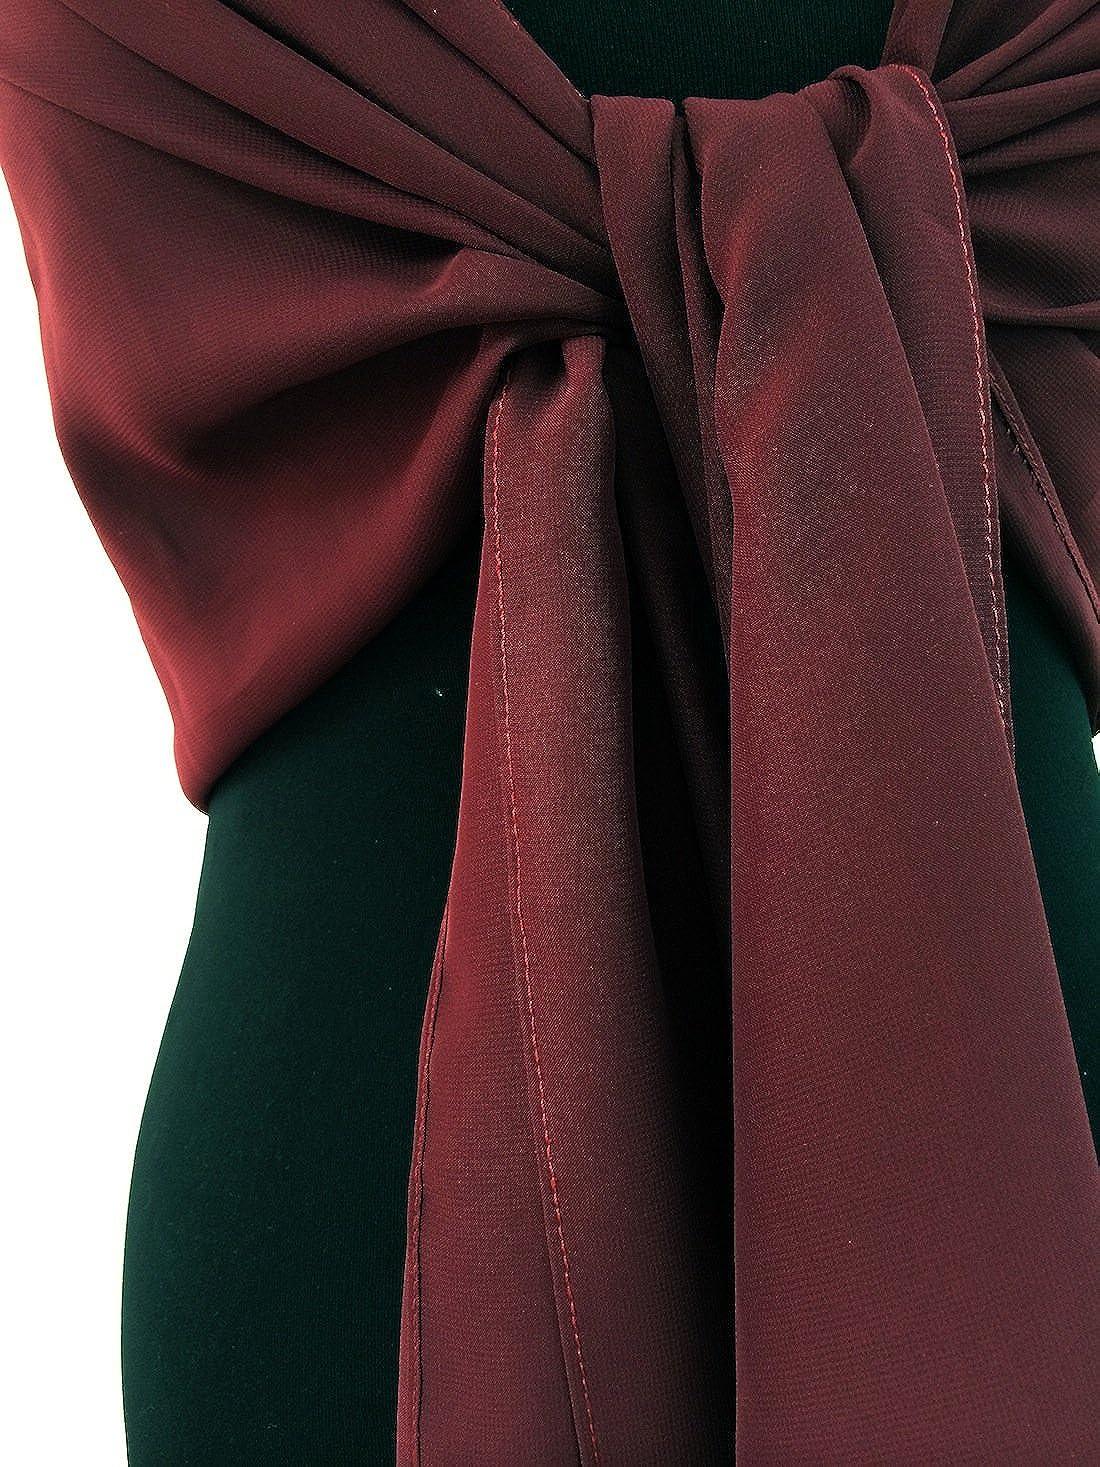 SEXYHER Sch?ne Chiffon-Schal//Schal//Wrap mit Perlen in verschiedenen Farben